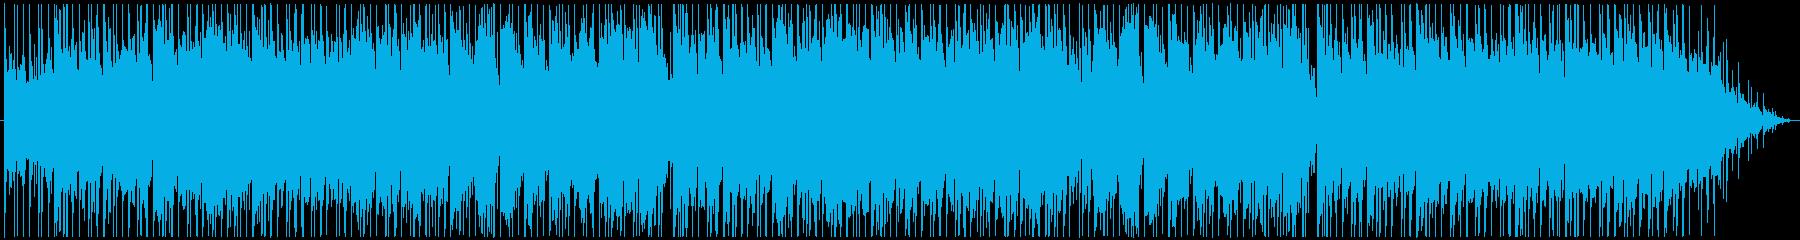 和太鼓の効いた田舎をイメージした和風楽曲の再生済みの波形